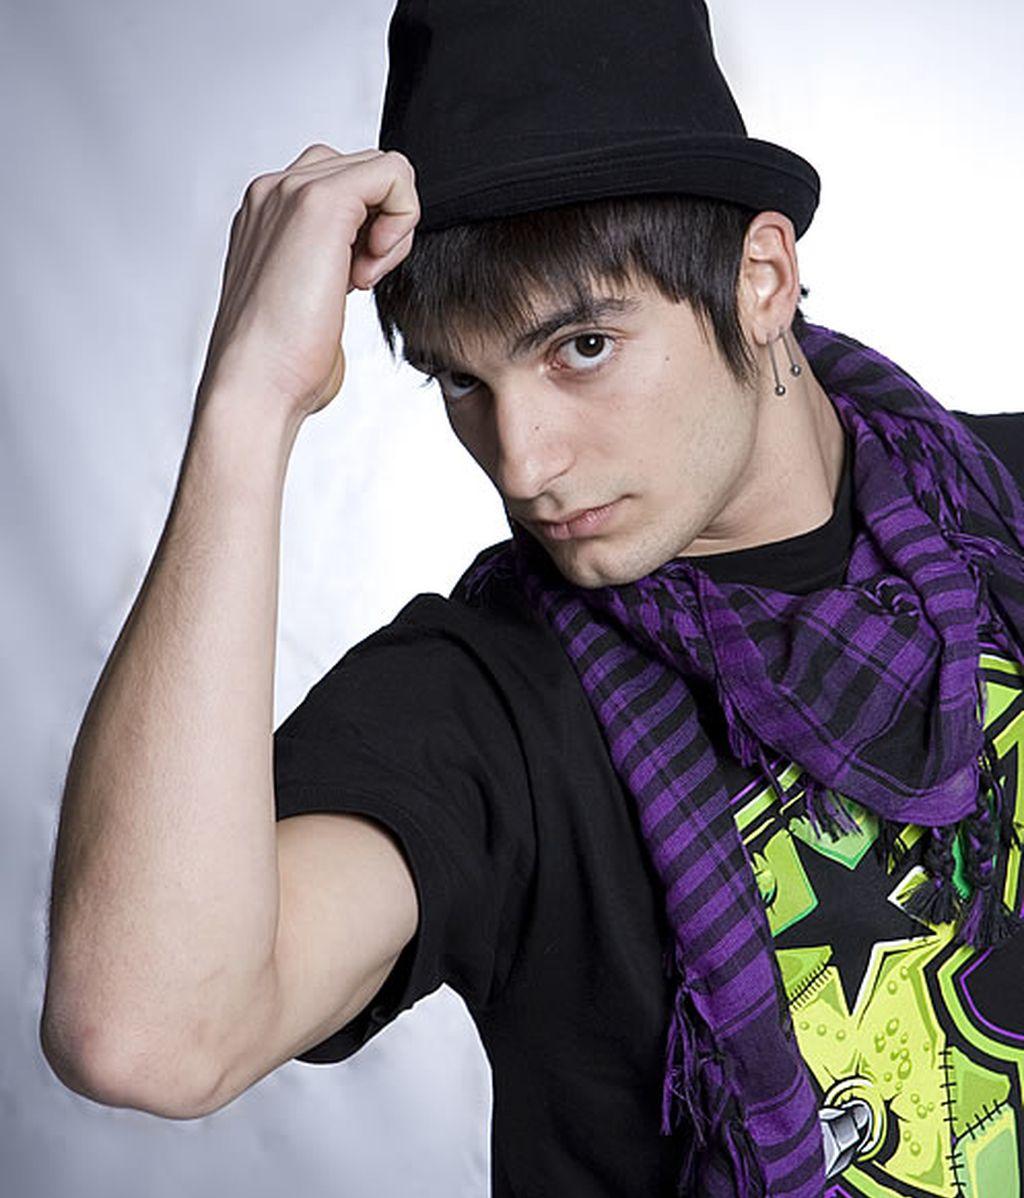 Omar: No es sólo un niño guapo